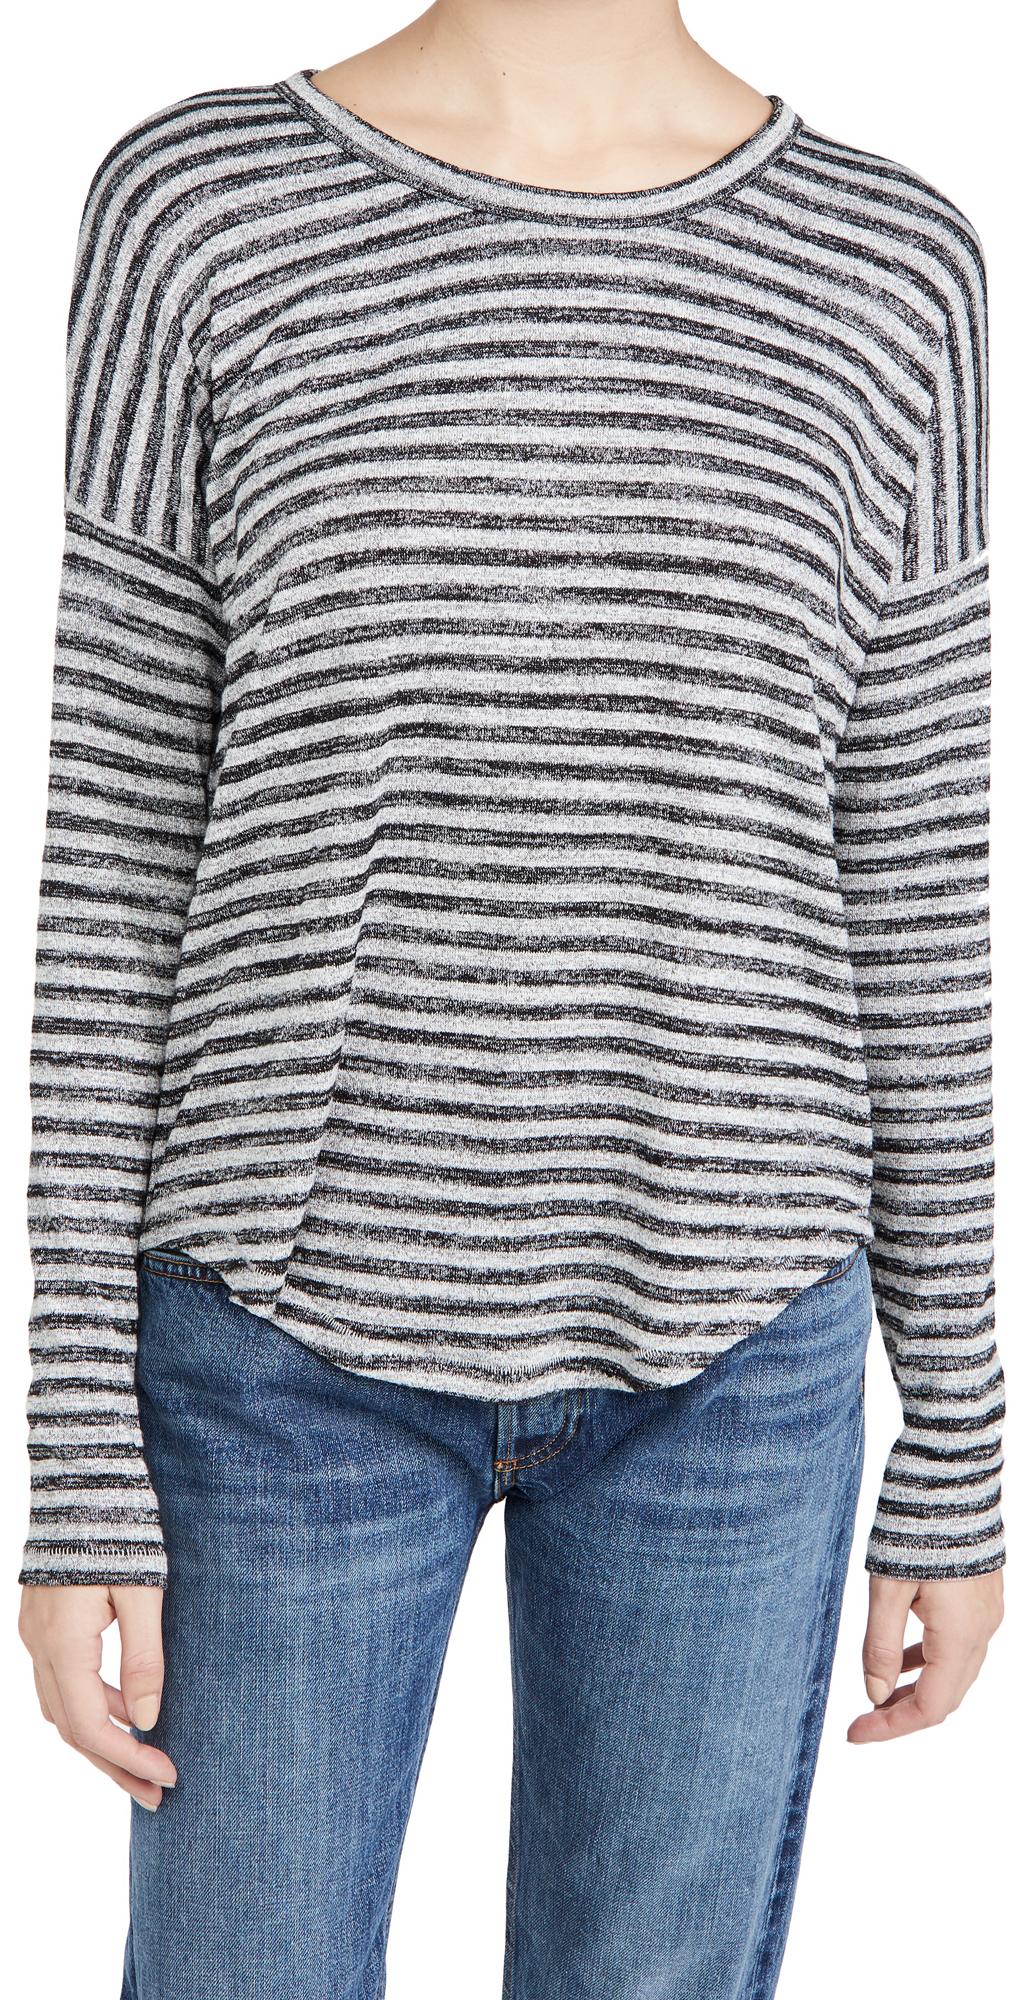 Rag & Bone/JEAN The Knit Striped Shirt